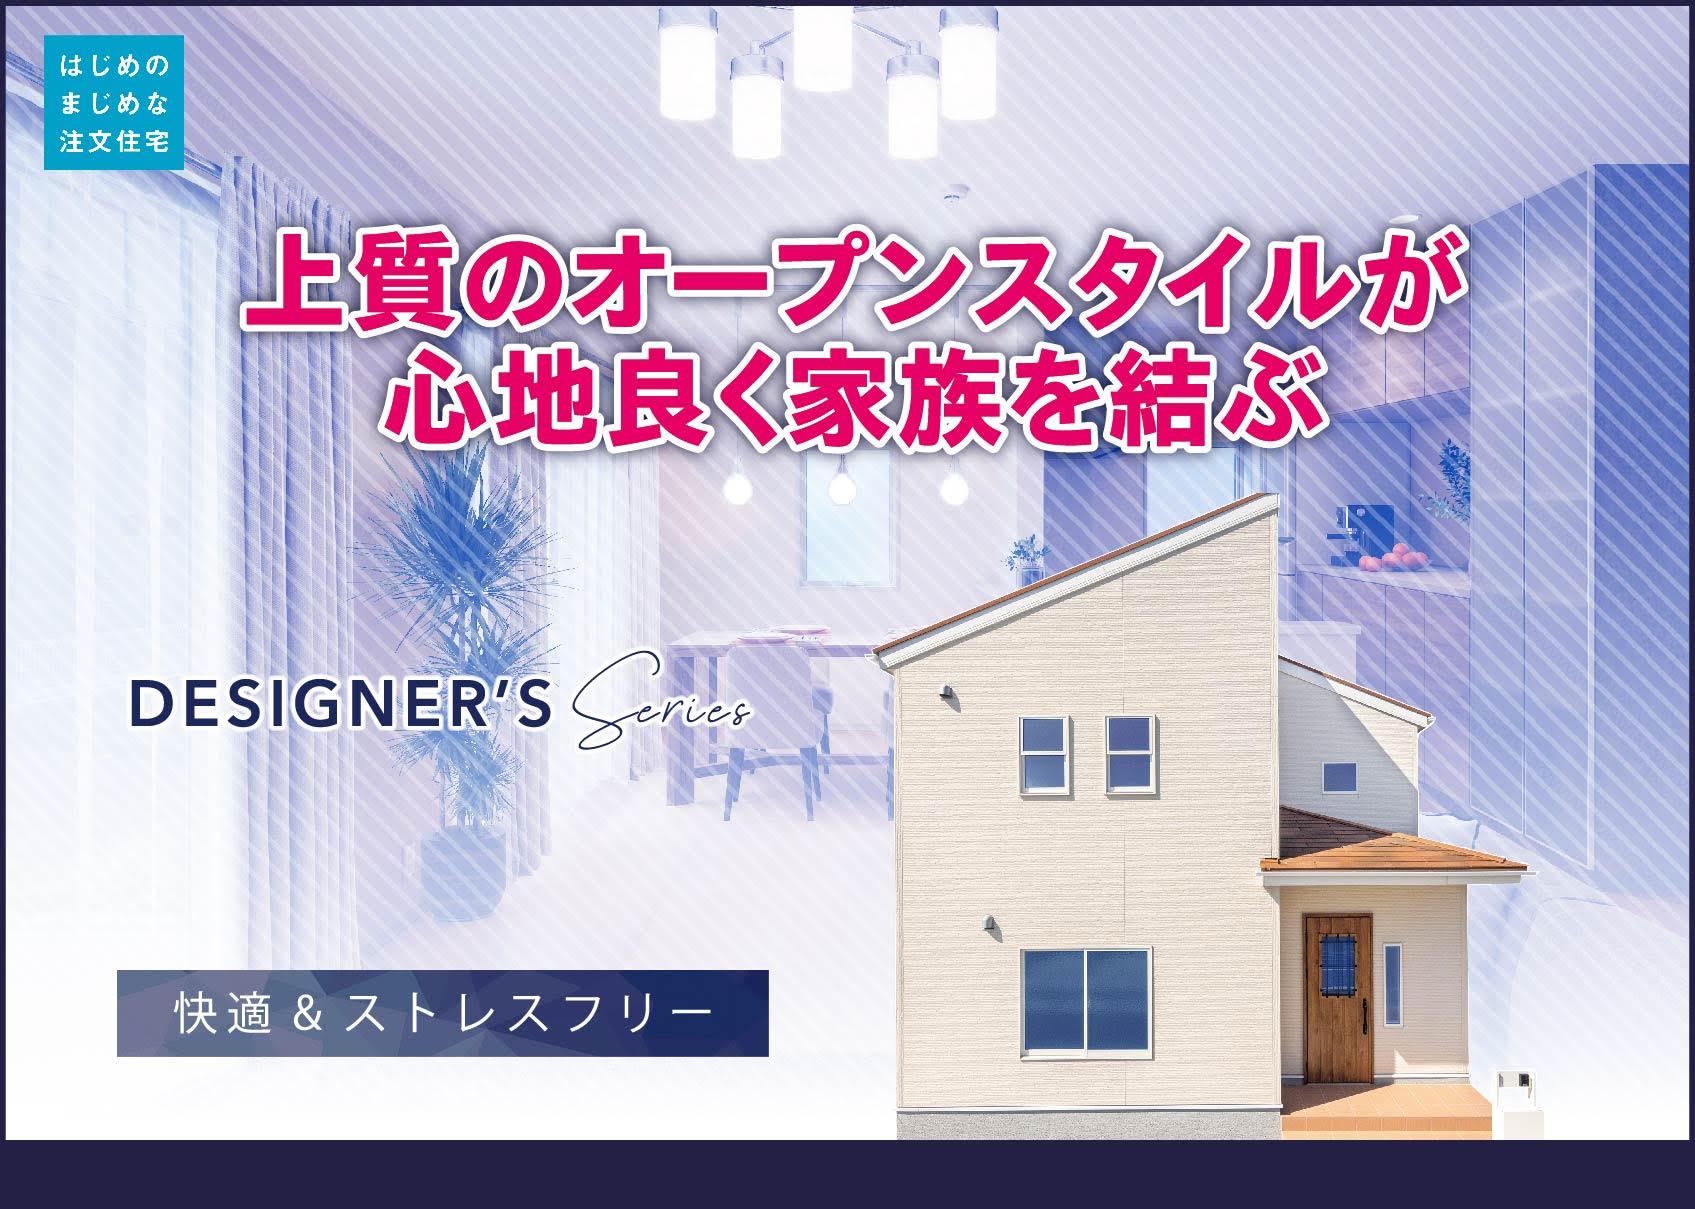 デザイナースシリーズデザイン